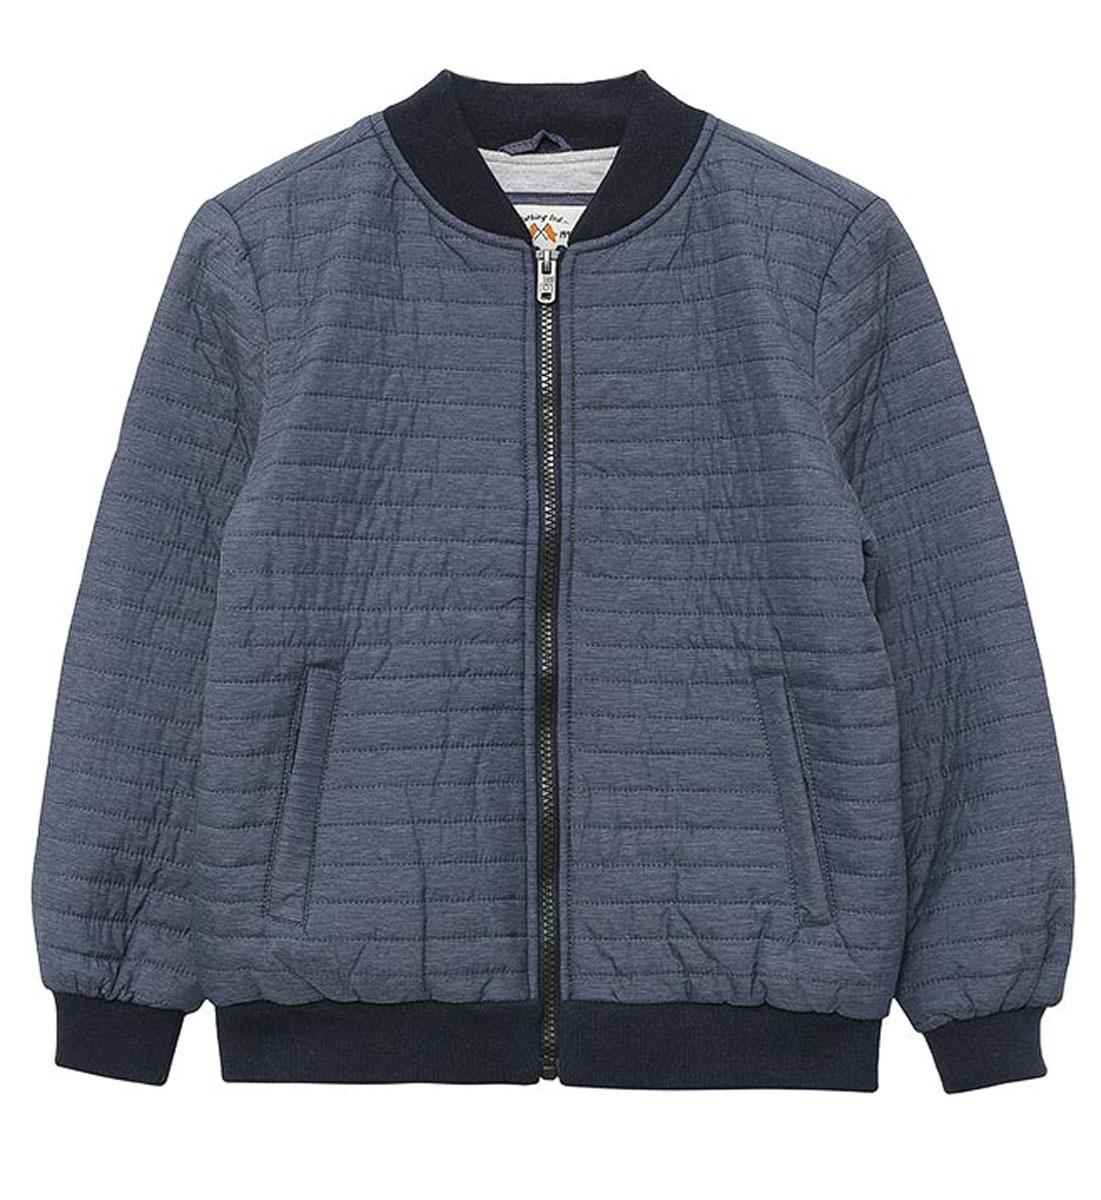 Куртка для мальчика Sela, цвет: темно-синий. CpQ-826/371-7111. Размер 140, 10 летCpQ-826/371-7111Стильная куртка-бомбер для мальчика Sela выполнена из качественного стеганого материала. Утепленная модель прямого кроя застегивается на молнию с внутренней ветрозащитной планкой и дополнена двумя прорезными карманами на кнопках. Круглый вырез горловины, манжеты рукавов и низ изделия дополнены мягкой трикотажной резинкой. Куртка отлично подойдет для прохладной погоды и станет практичным дополнением гардероба каждого модника.